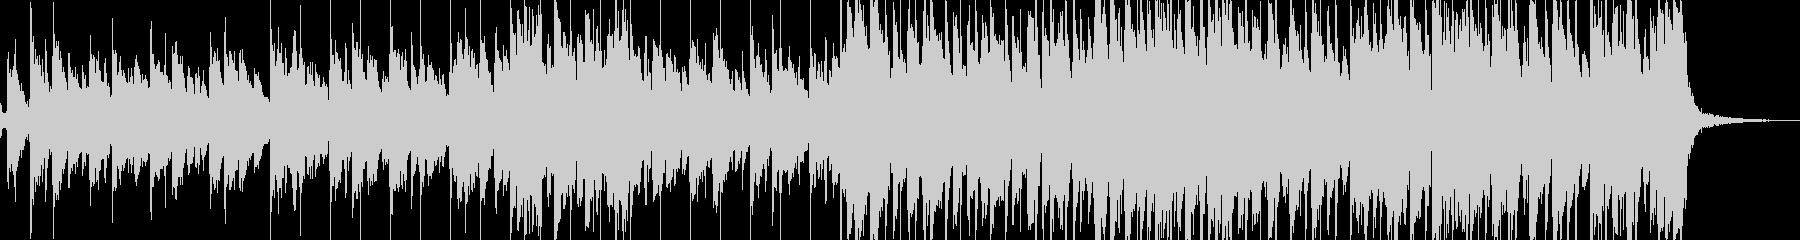 スライドバーを使ったアコギのブルース曲 の未再生の波形